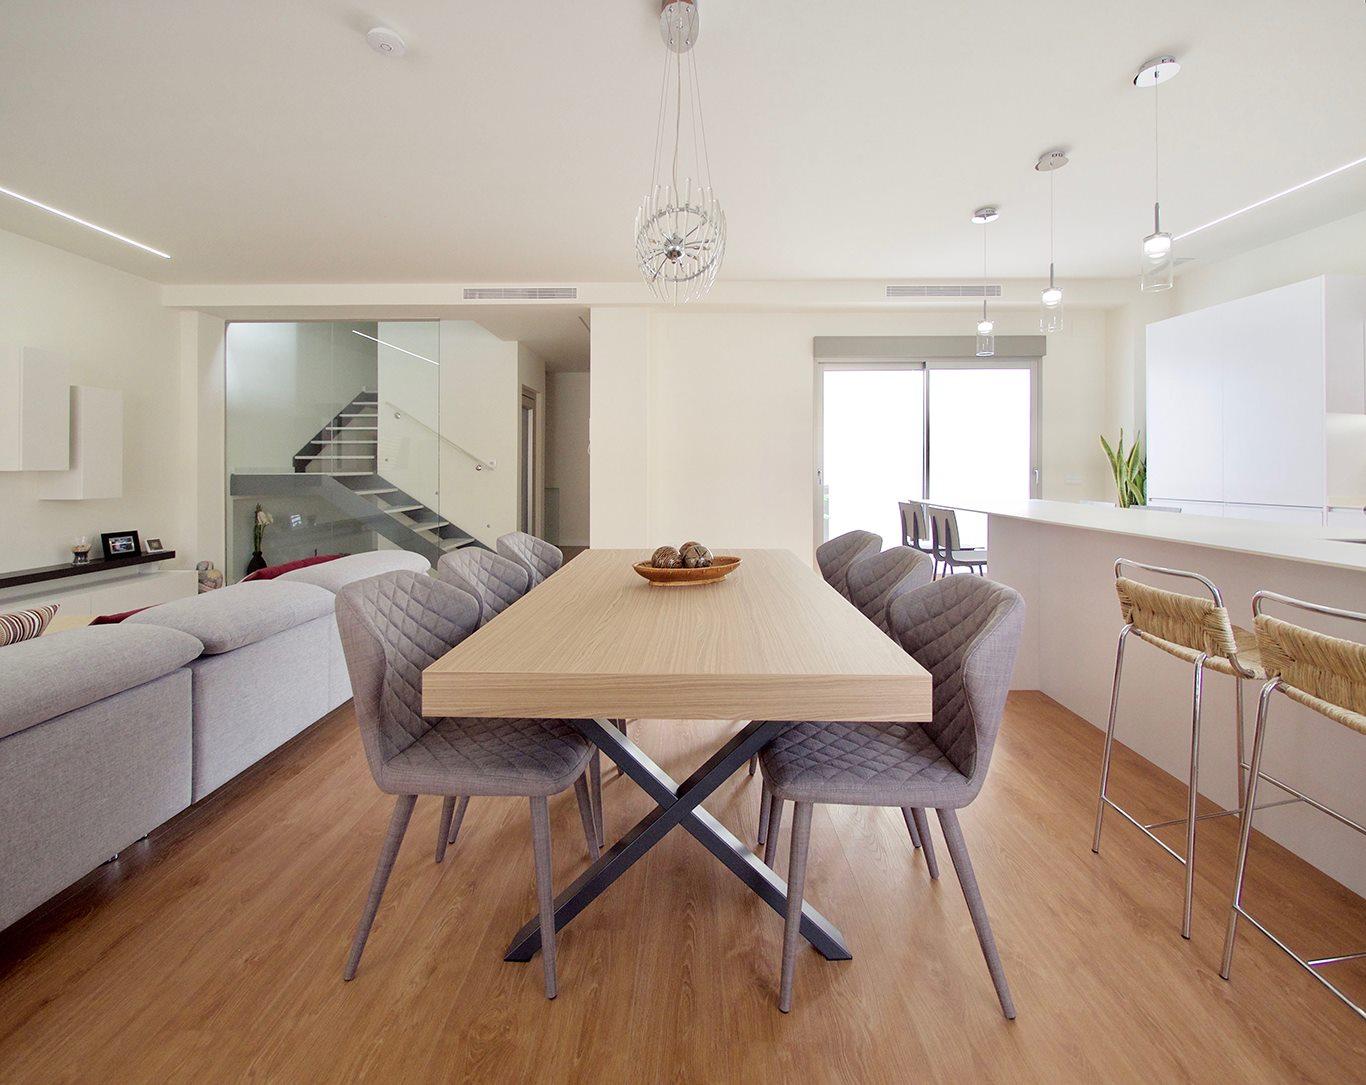 Detalle de mesa de comedor en madera, con salón a la izquierda e isla de cocina a la derecha